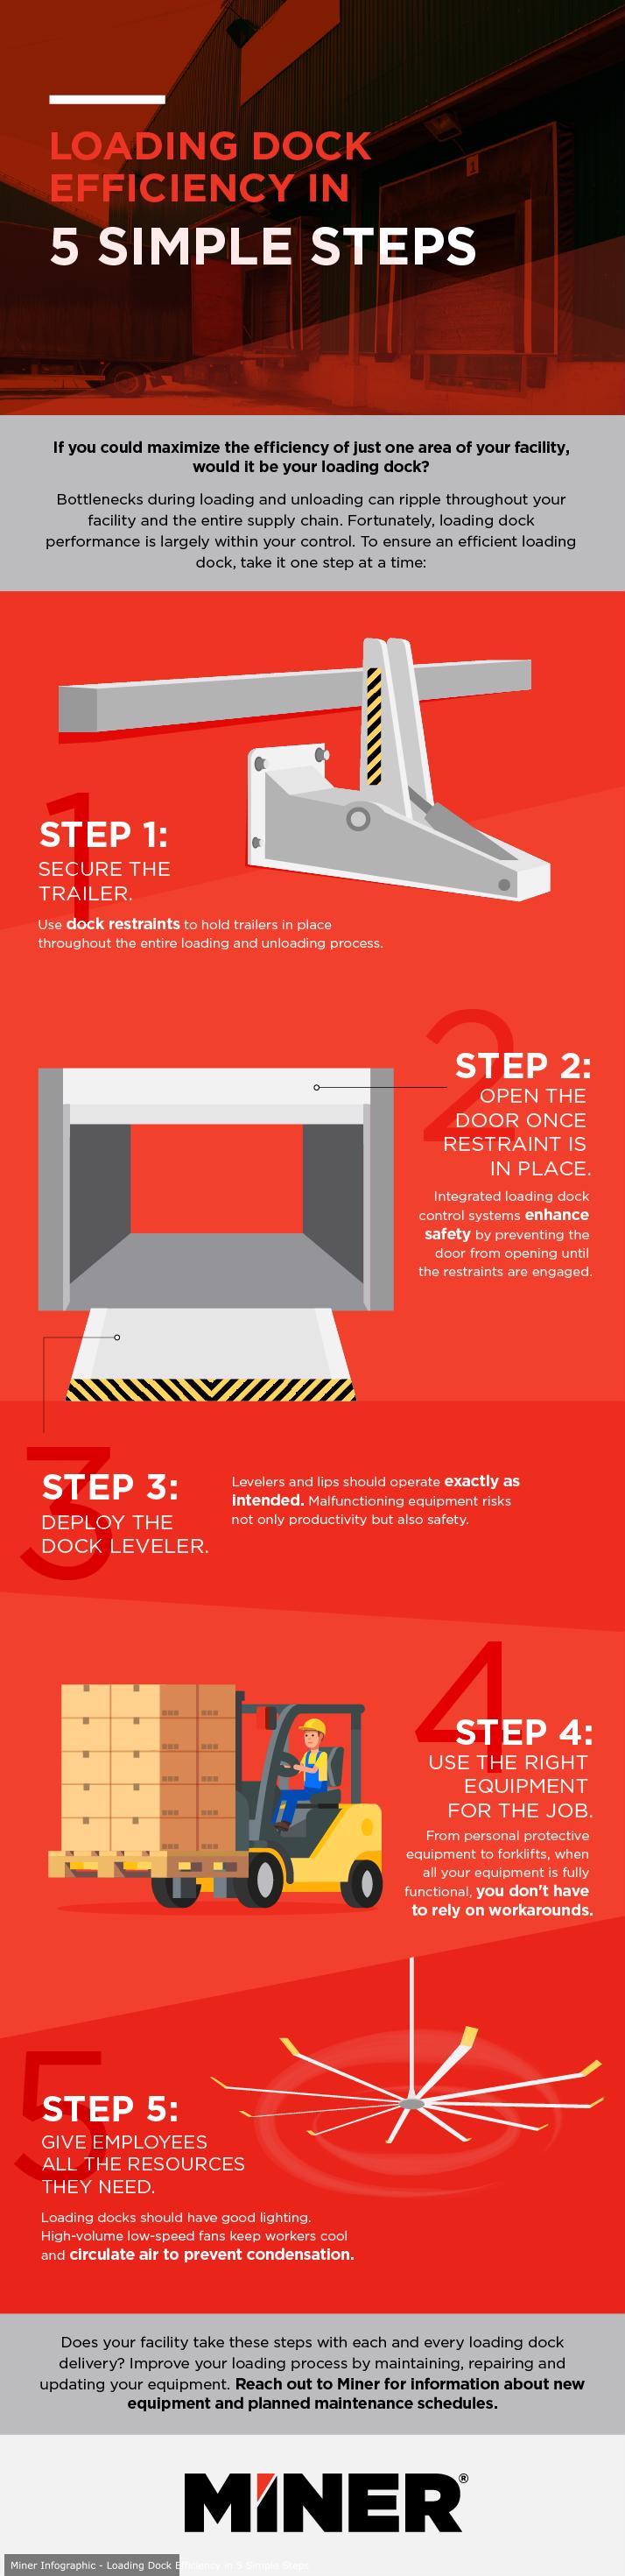 Loading Dock Efficiency in 5 Simple Steps